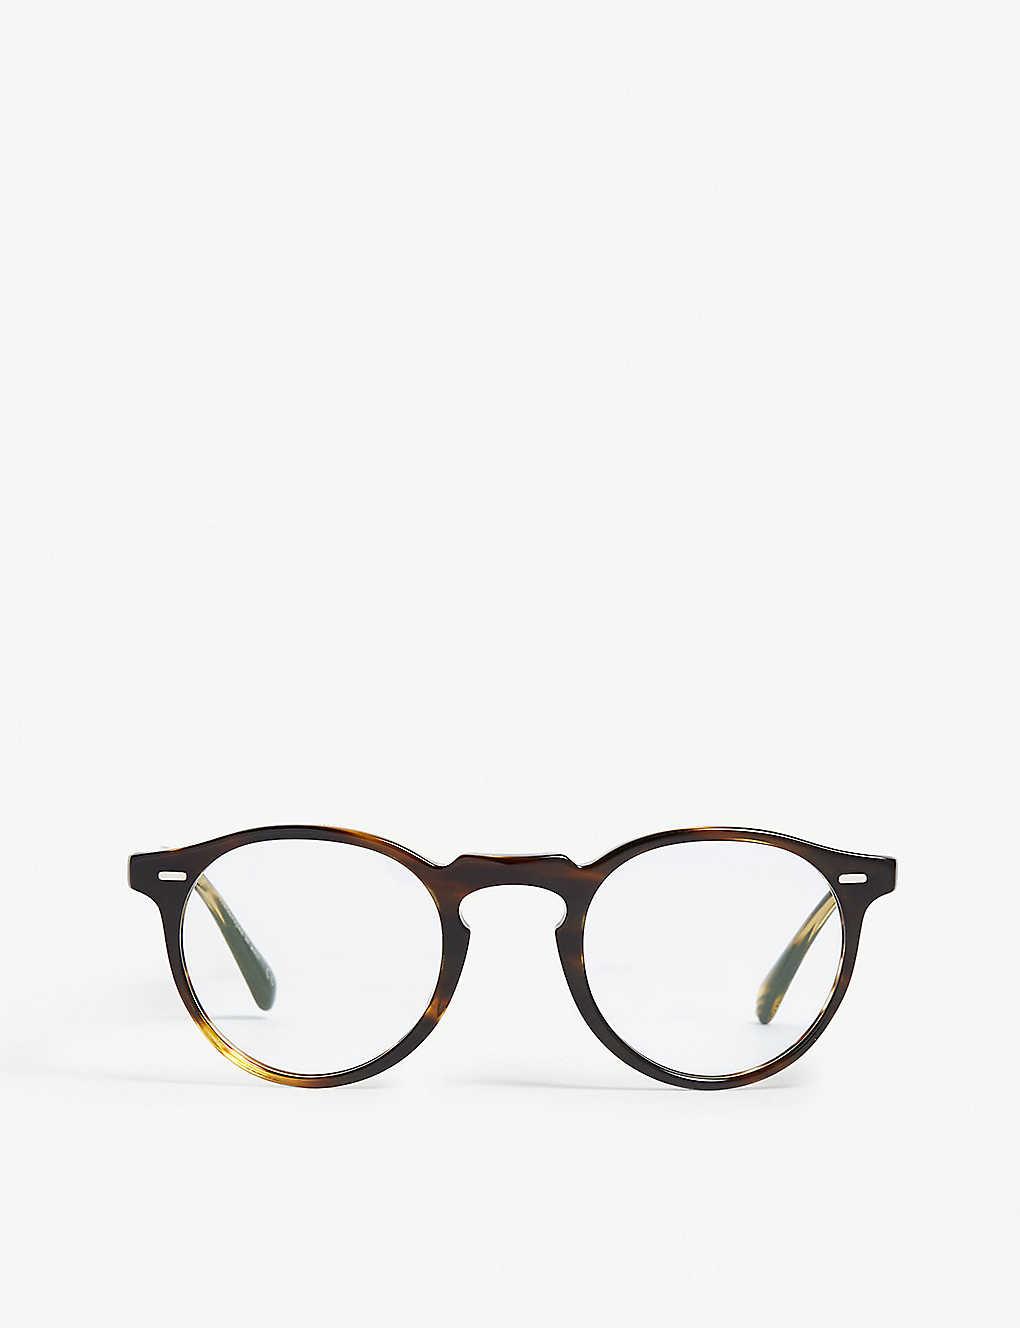 2e5c03d18497 OLIVER PEOPLES - Gregory Peck Havana round-frame glasses ...